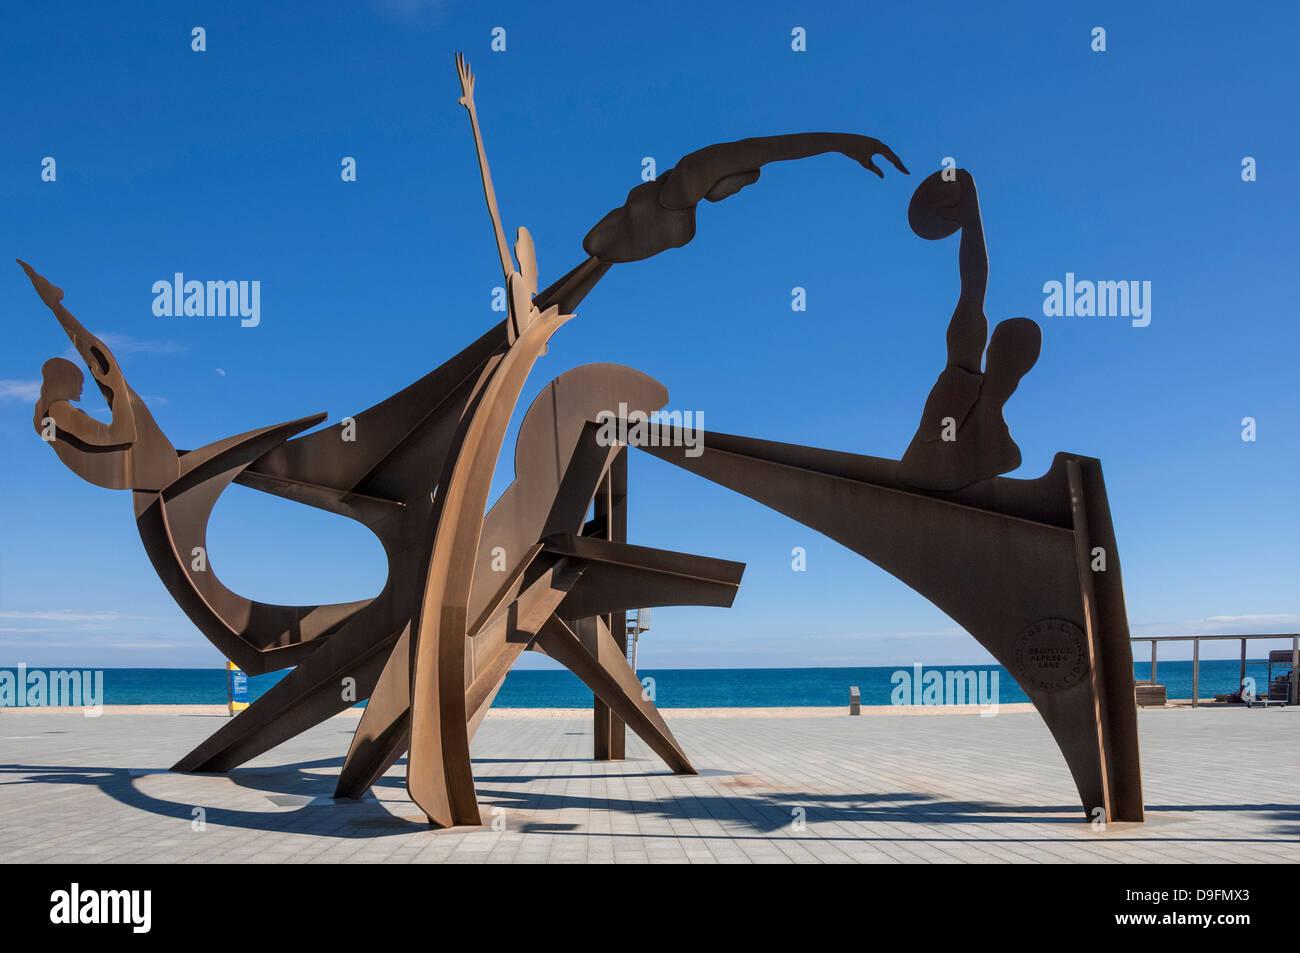 Atletica scultura di metallo da Alfredo Lanz sul lungomare a Barceloneta, Barcellona, Catalunya, Spagna Immagini Stock